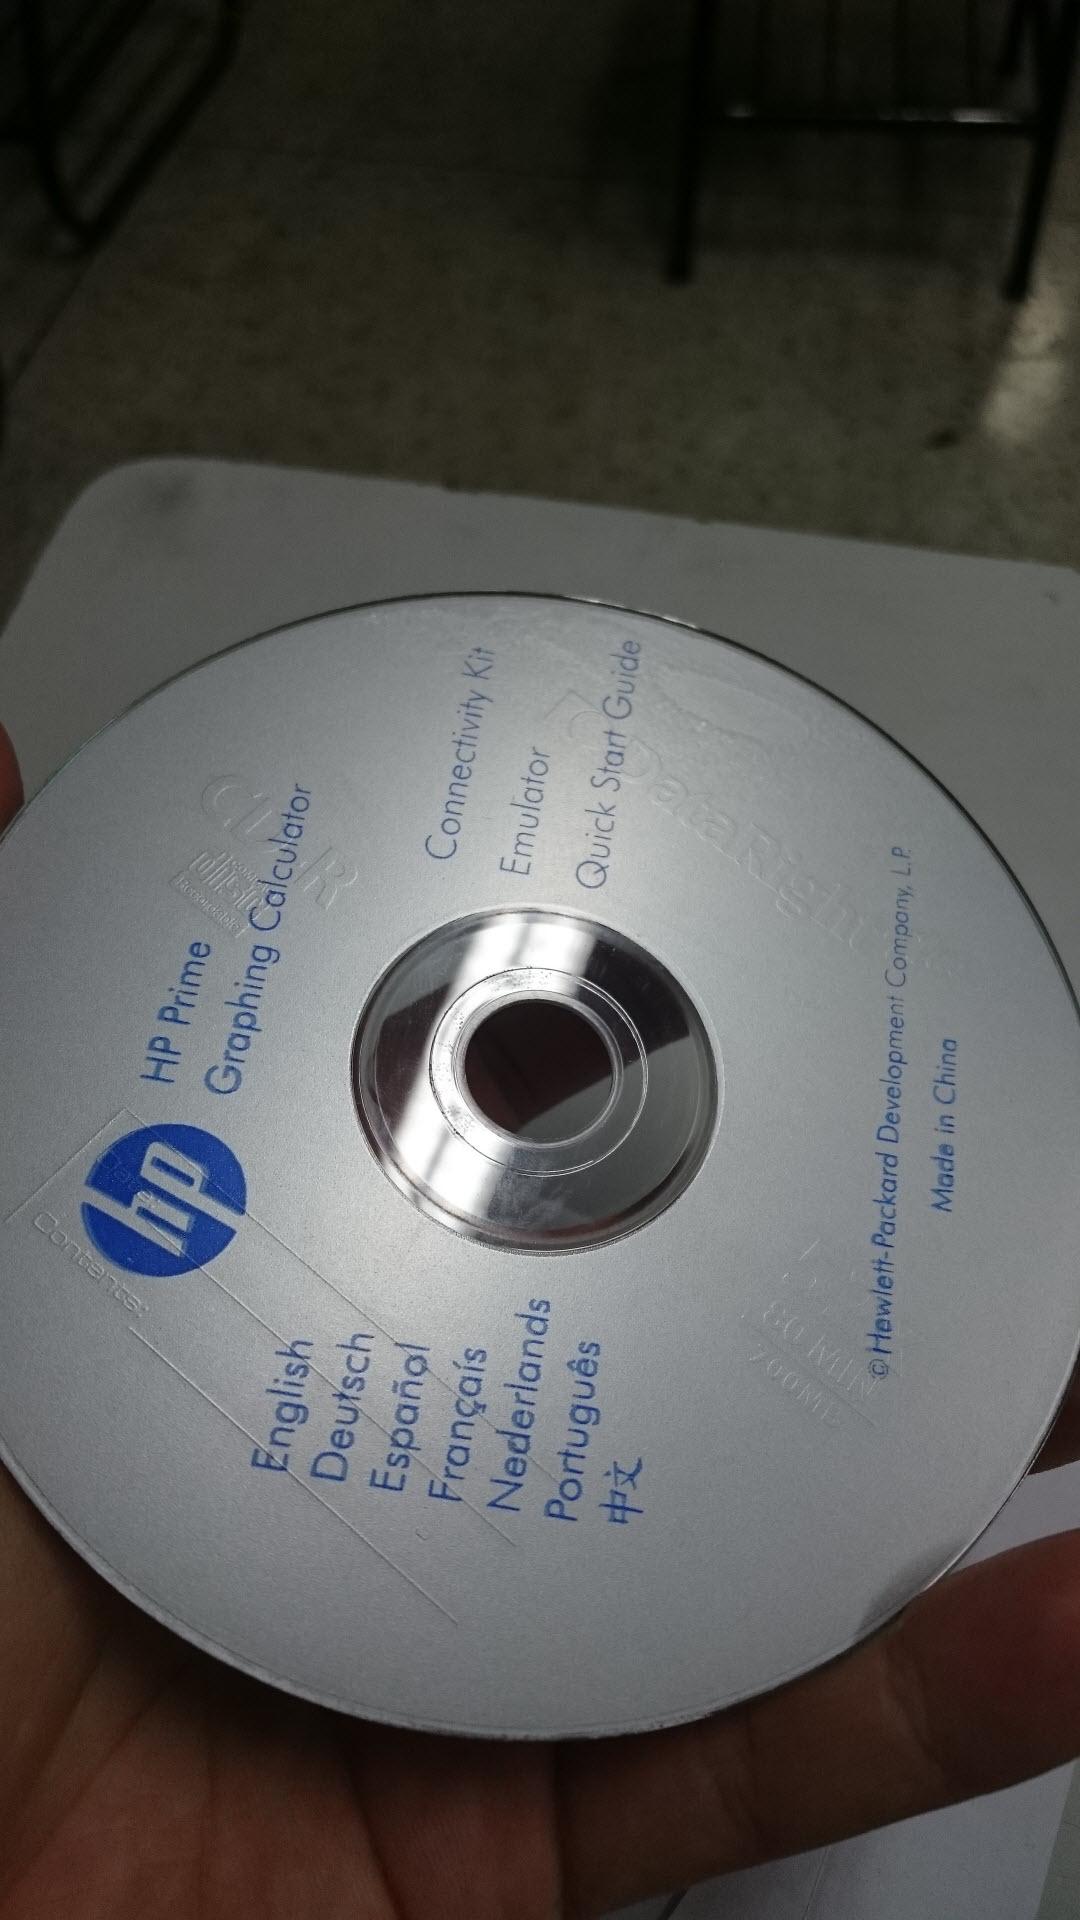 CD da calculadora